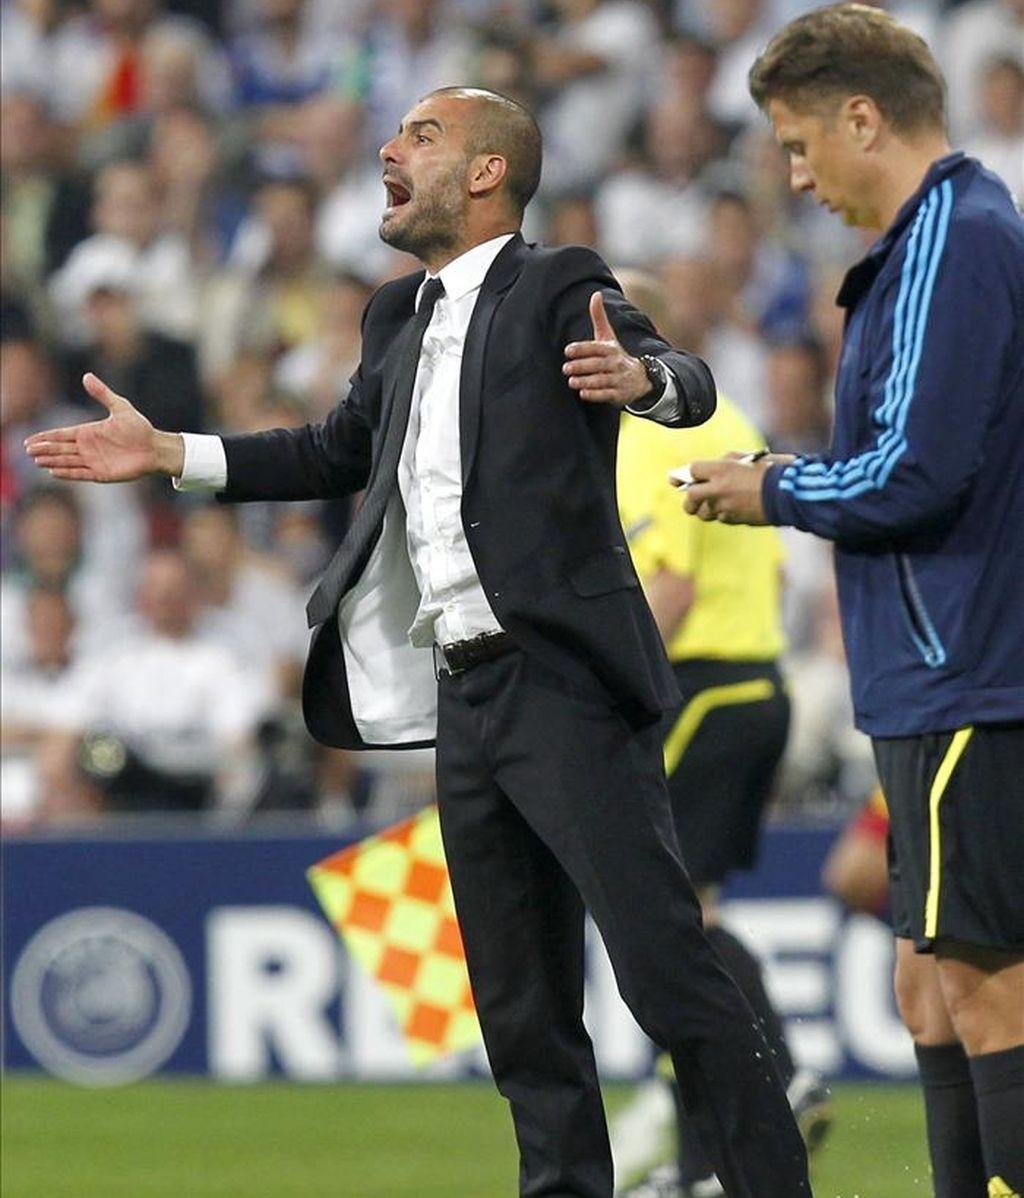 El entrenador del F. C. Barcelona, Pep Guardiola, durante el encuentro correspondiente a la ida de las semifinales de la Liga de Campeones, frente al Real Madrid en el estadio Santiago Bernabeu, en Madrid. EFE